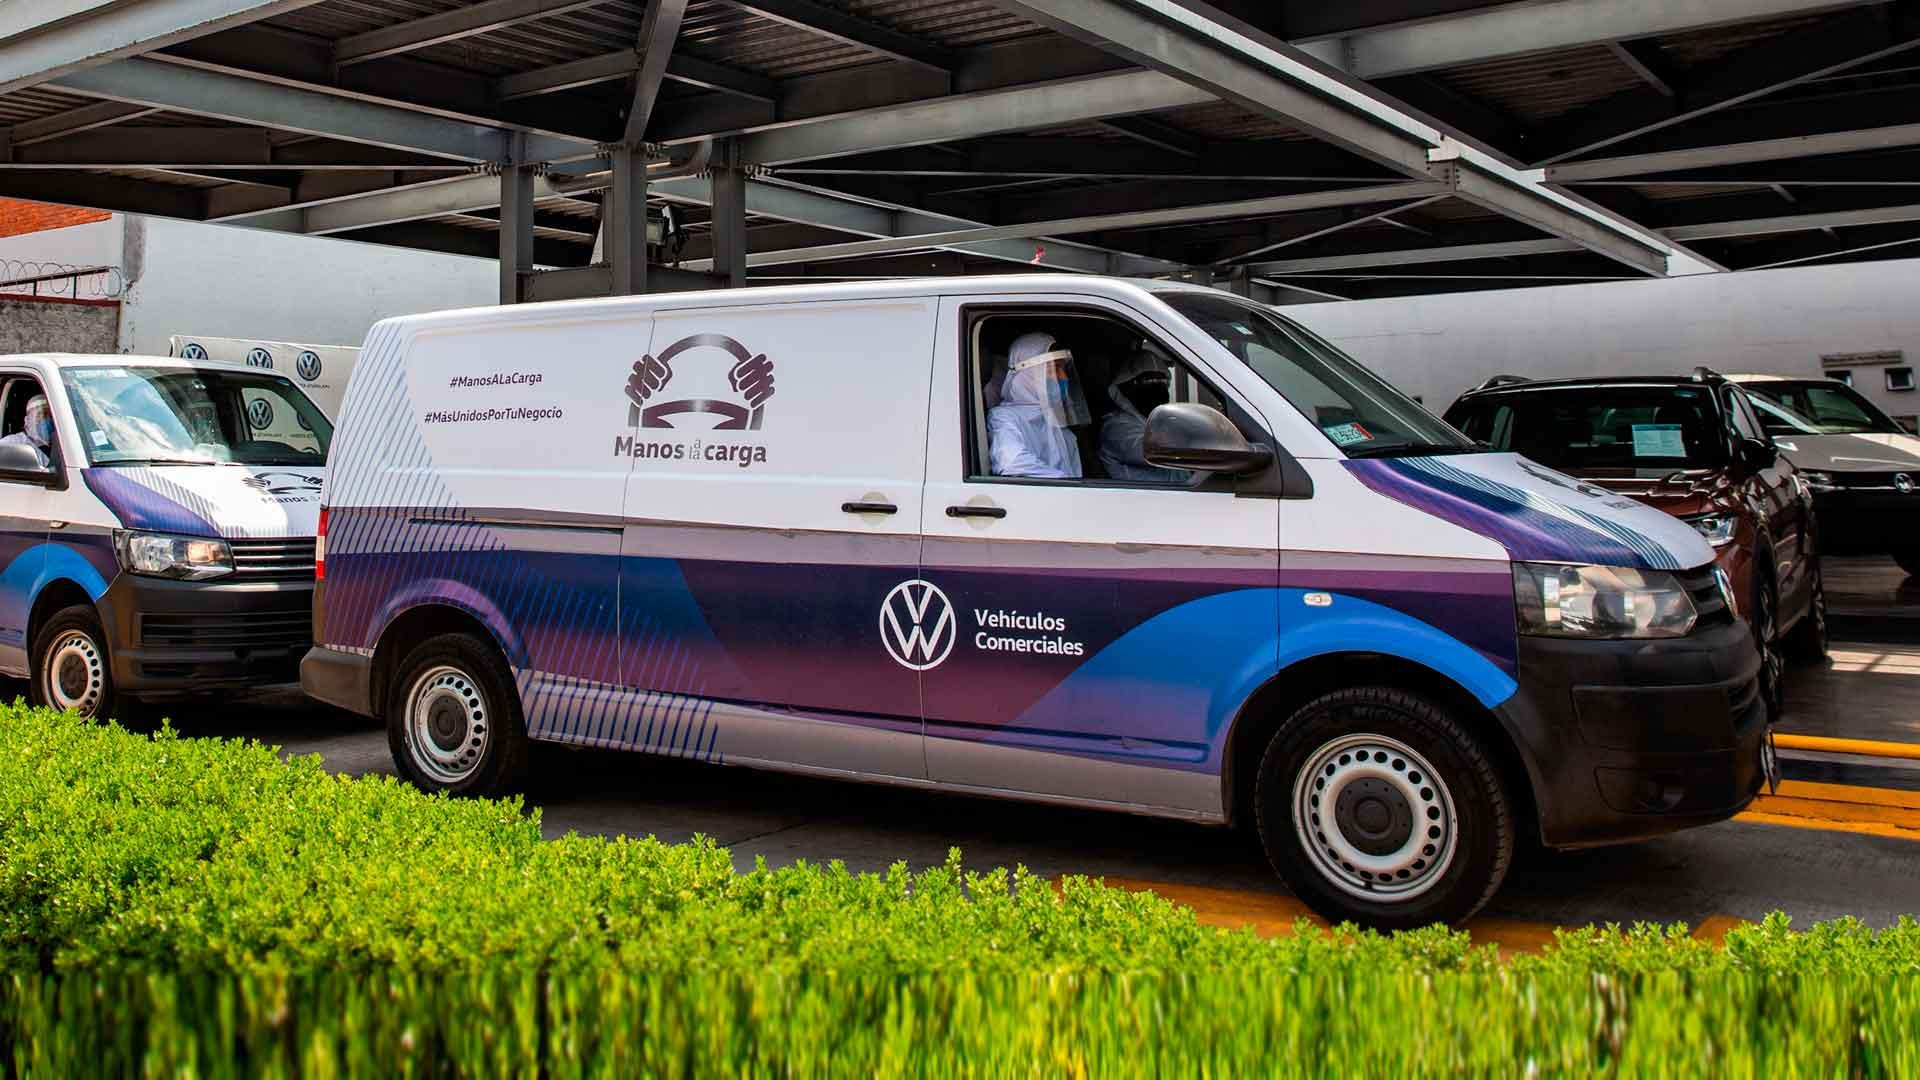 Volkswagen pone «Manos a la carga» para sanitizar la Central de Abasto